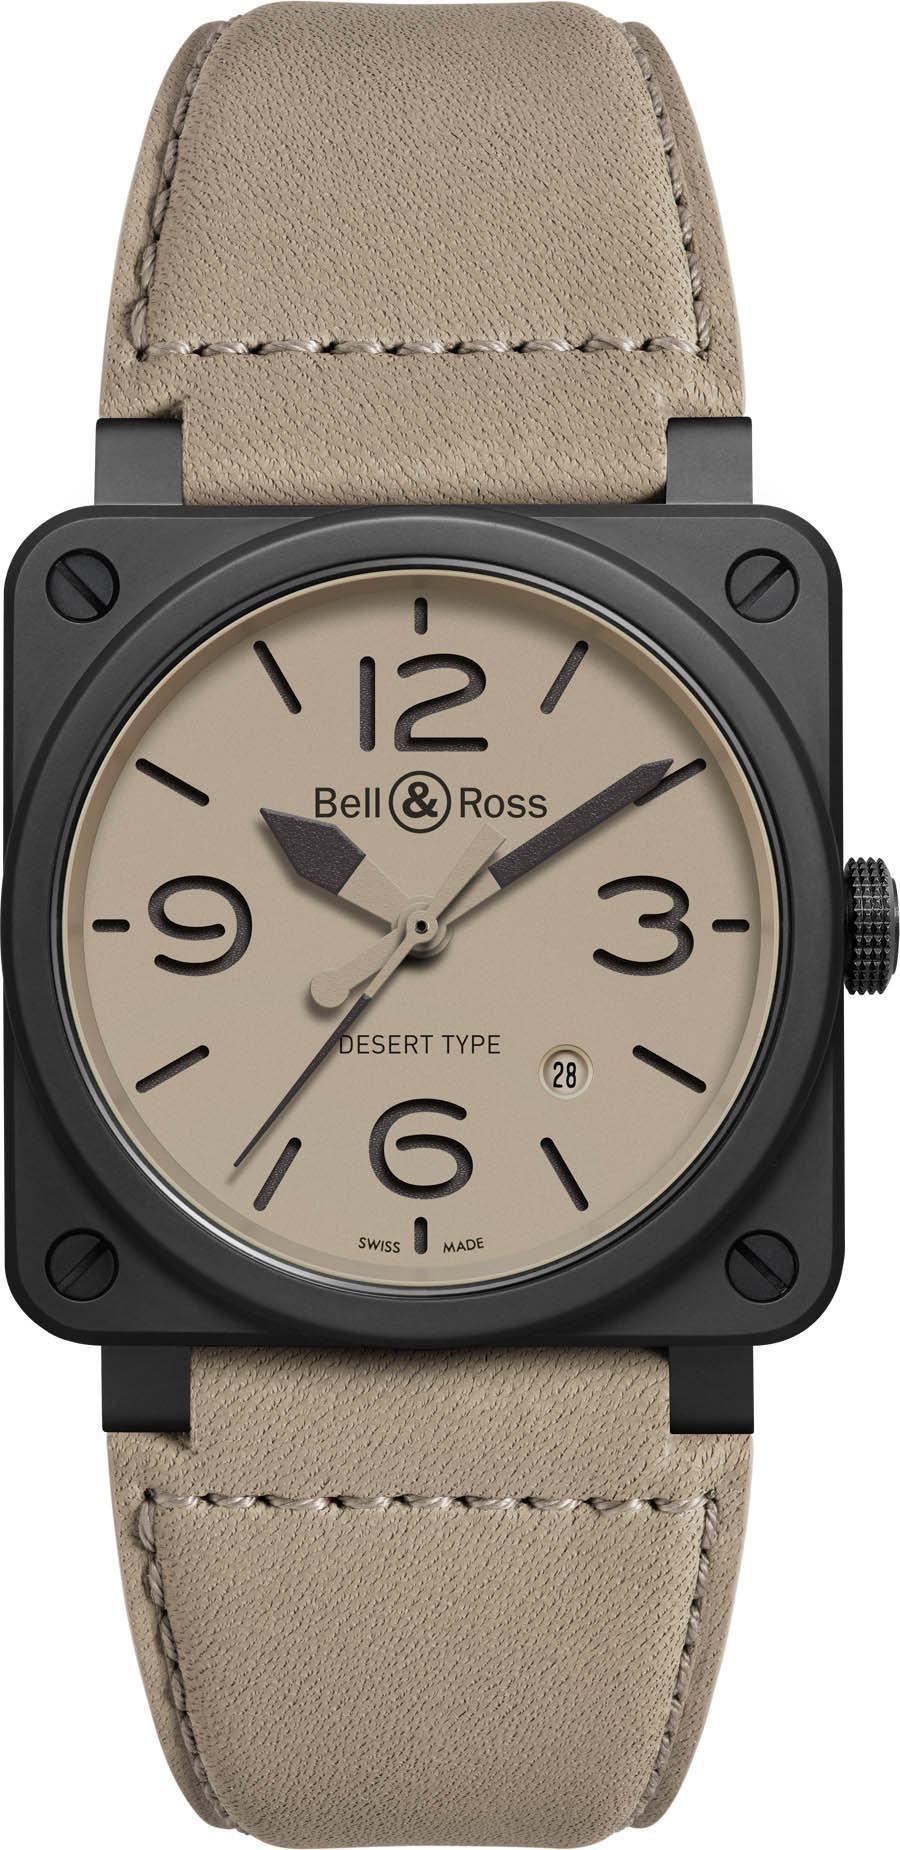 Bell & Ross: Dreizeigeruhr BR03-92 Desert Type mit Datum